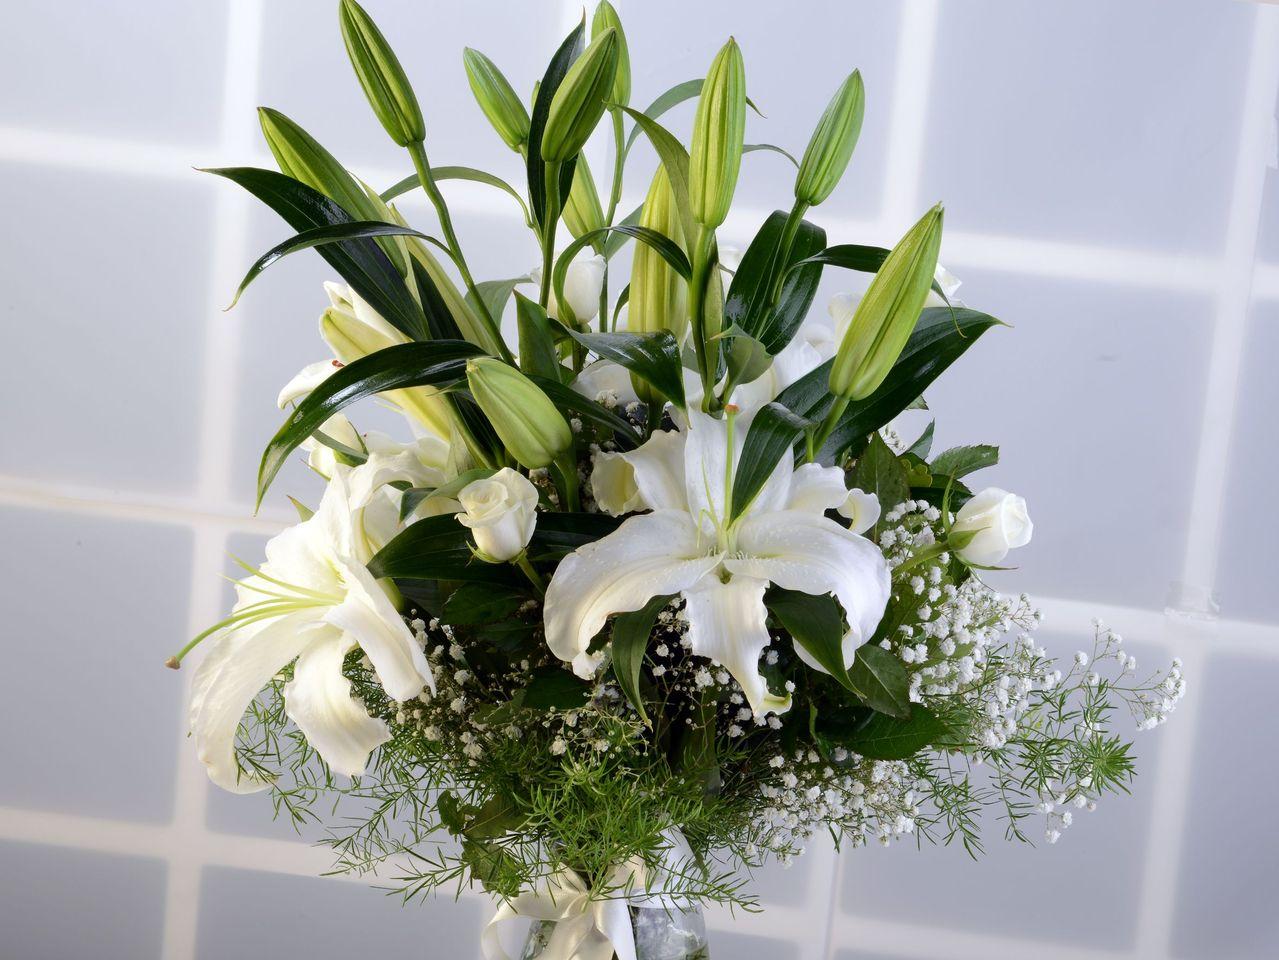 Beyaz Hisler Aranjmanlar çiçek gönder